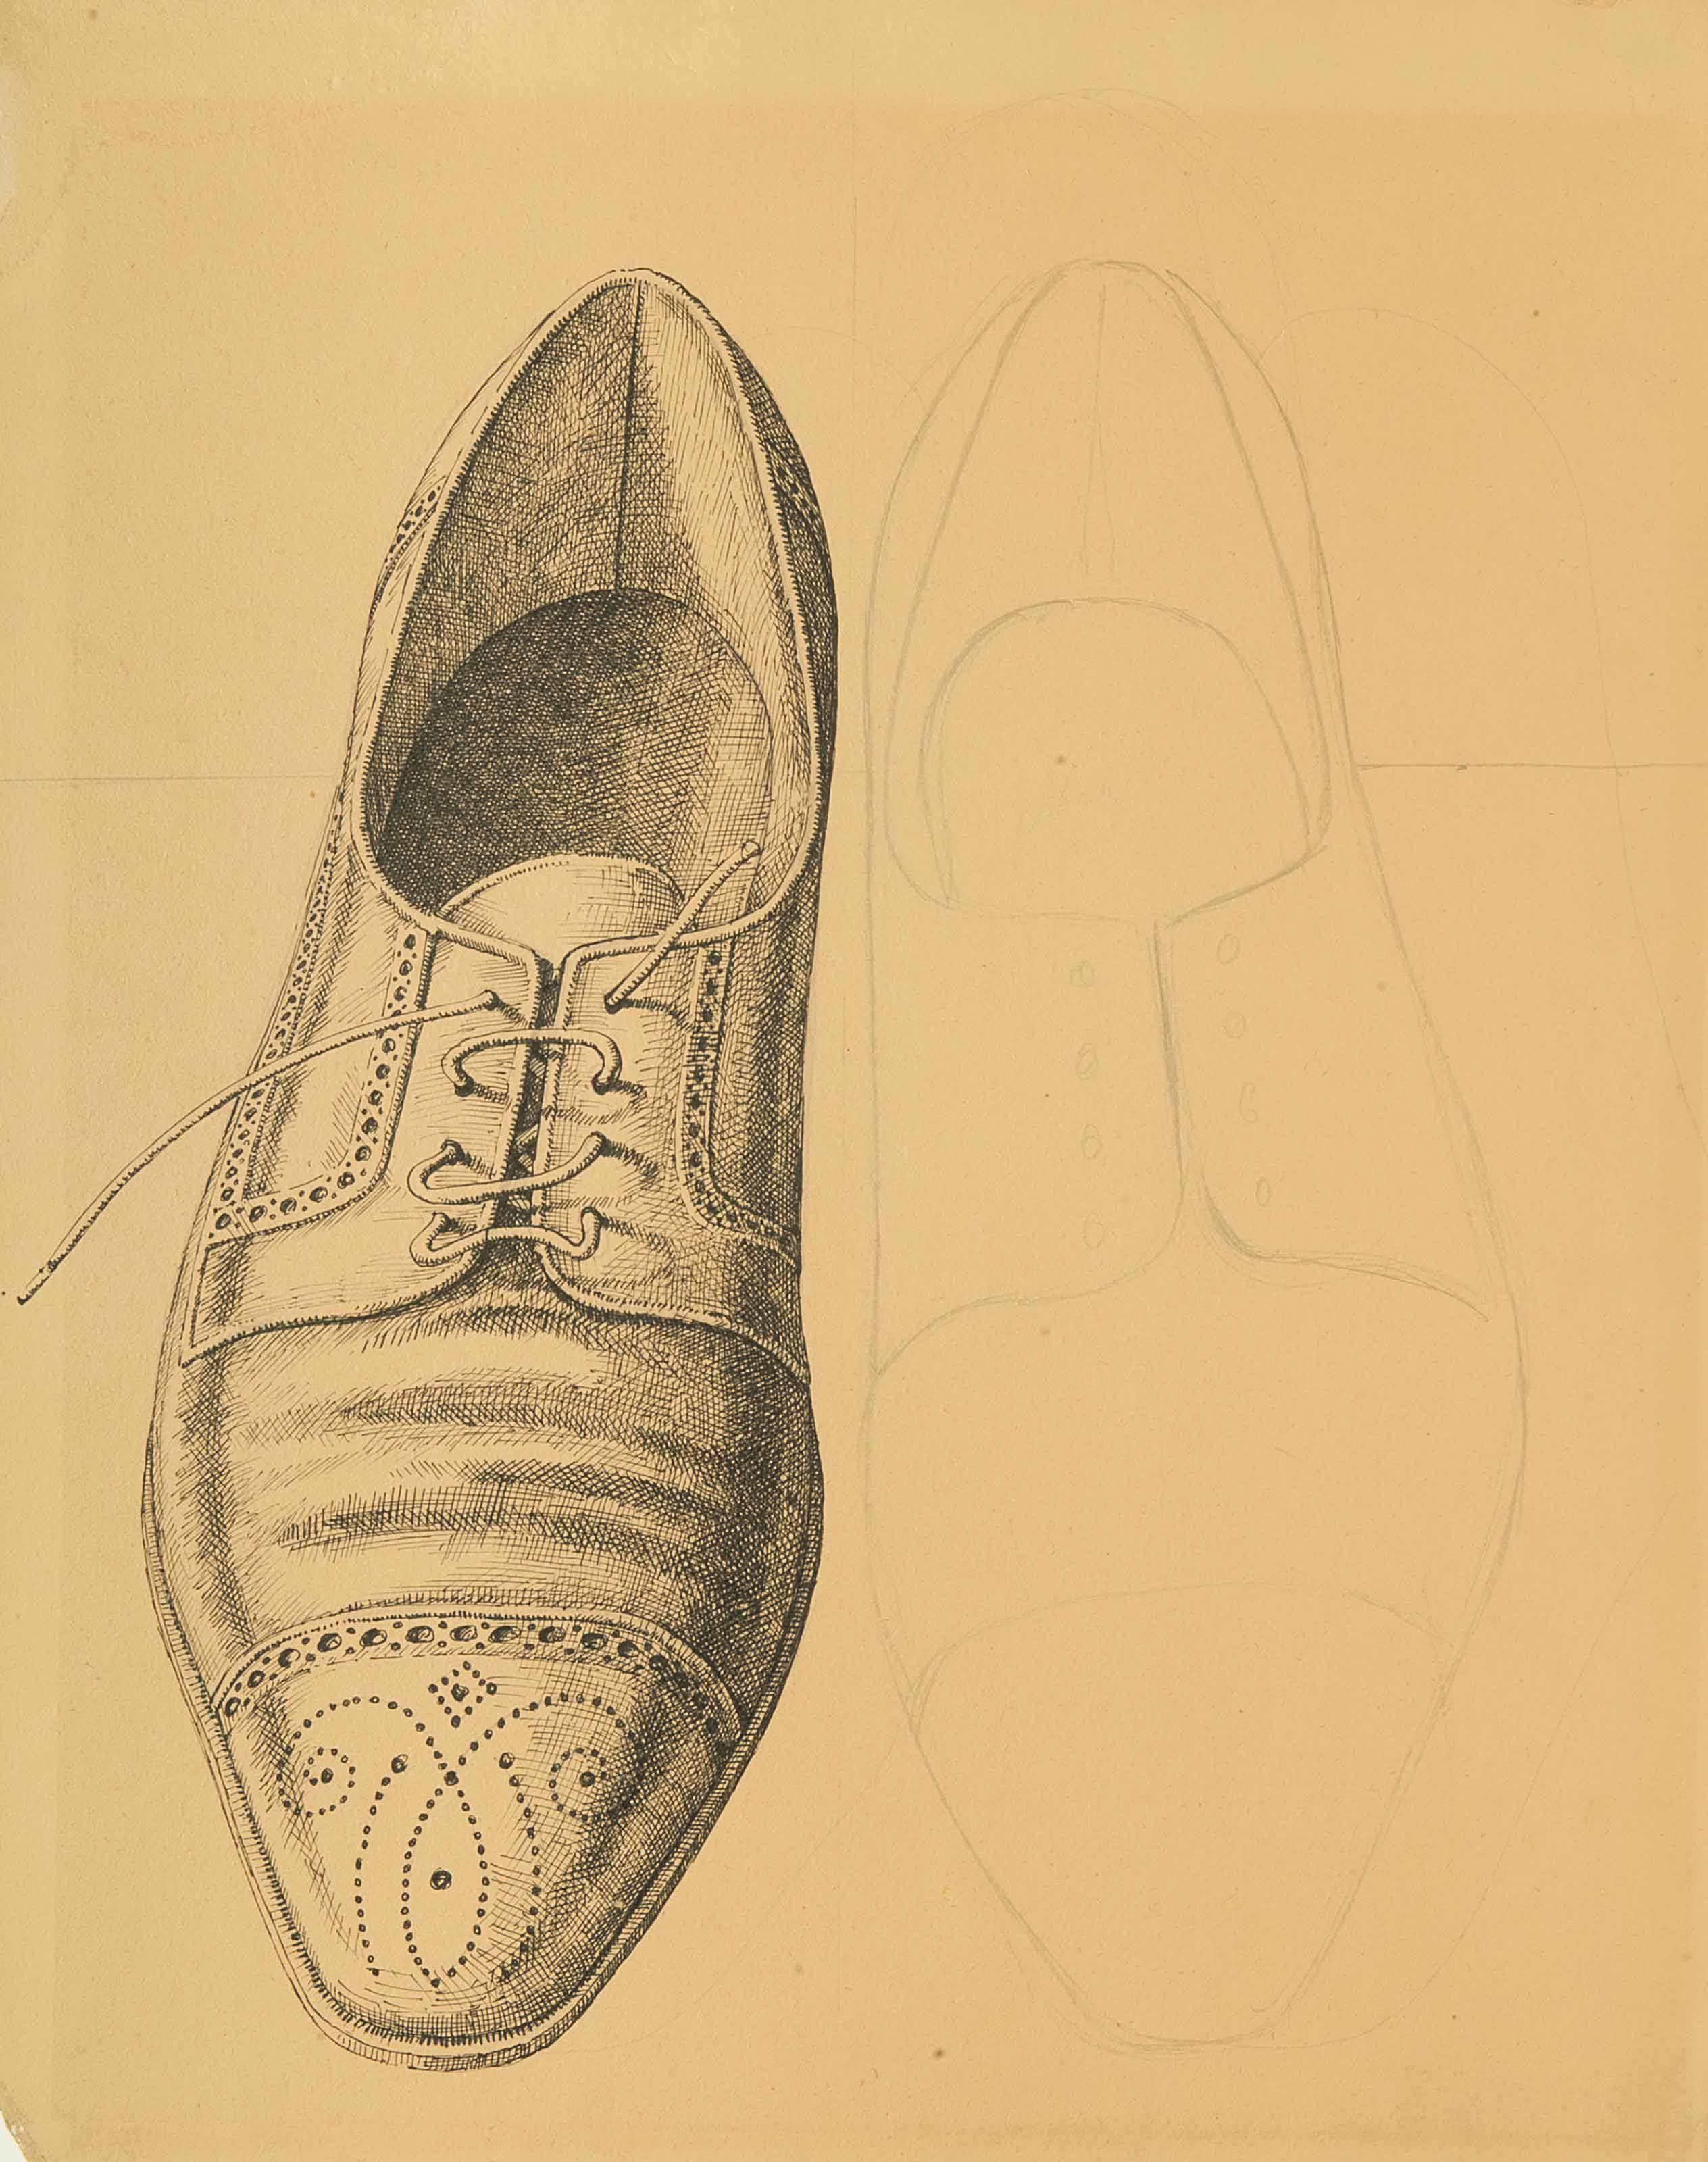 Le Scarpe (The Shoes)